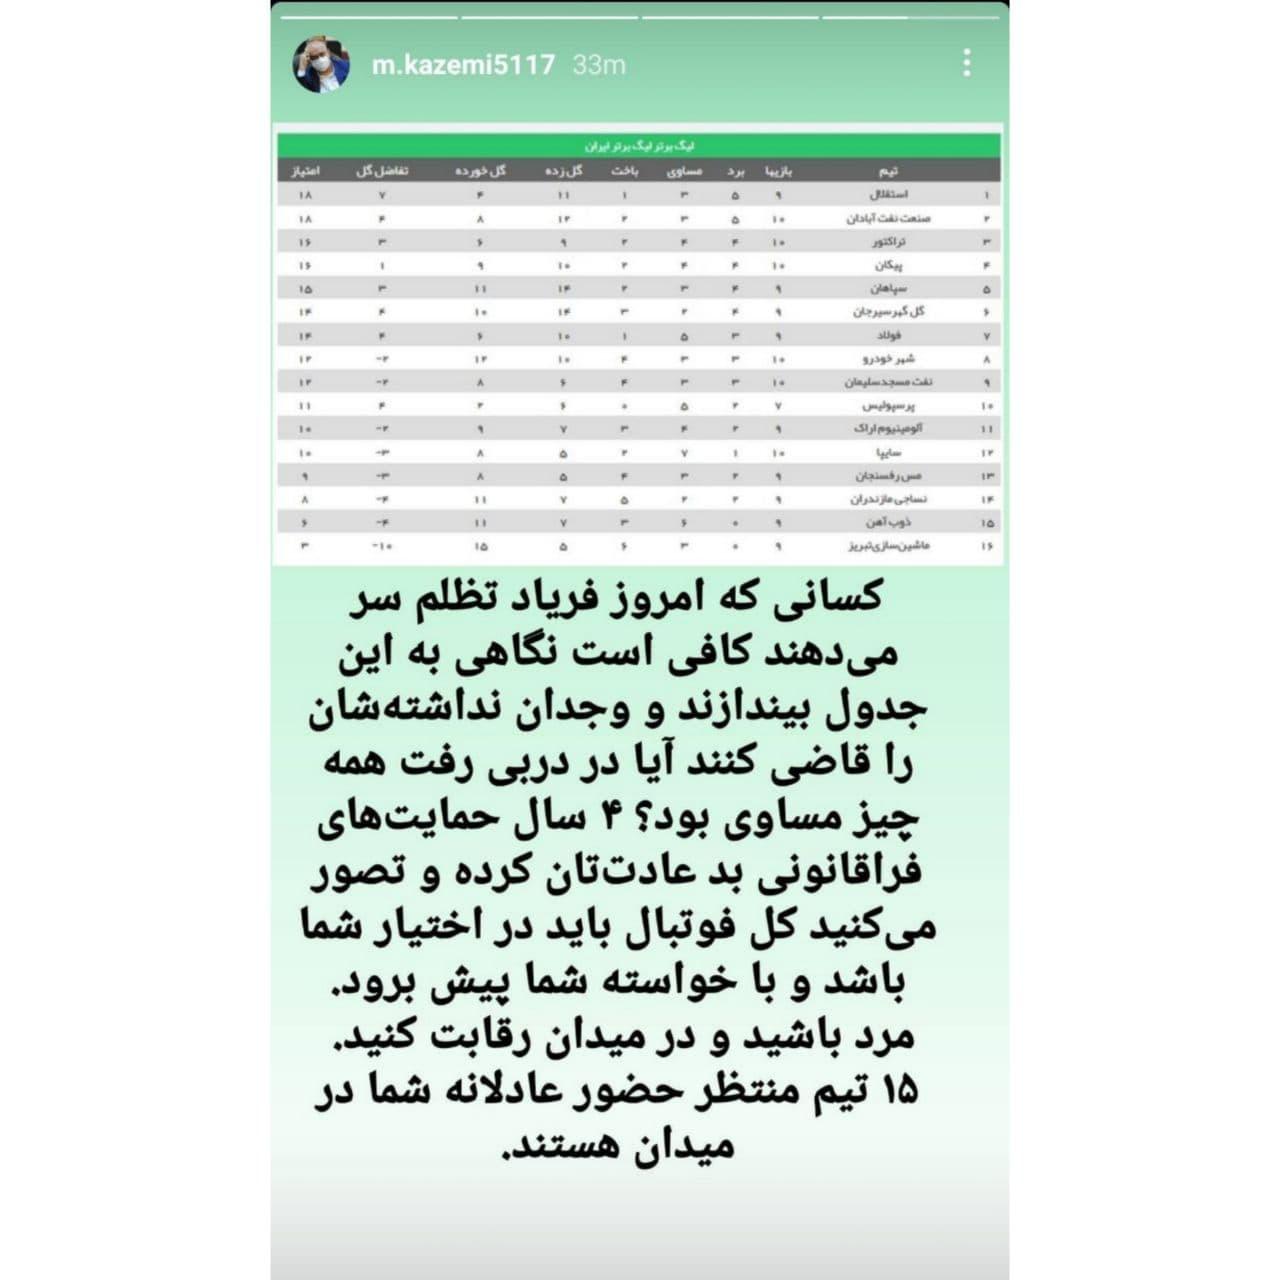 دعوای اینستاگرامی مسئولان استقلال و پرسپولیس/عکس